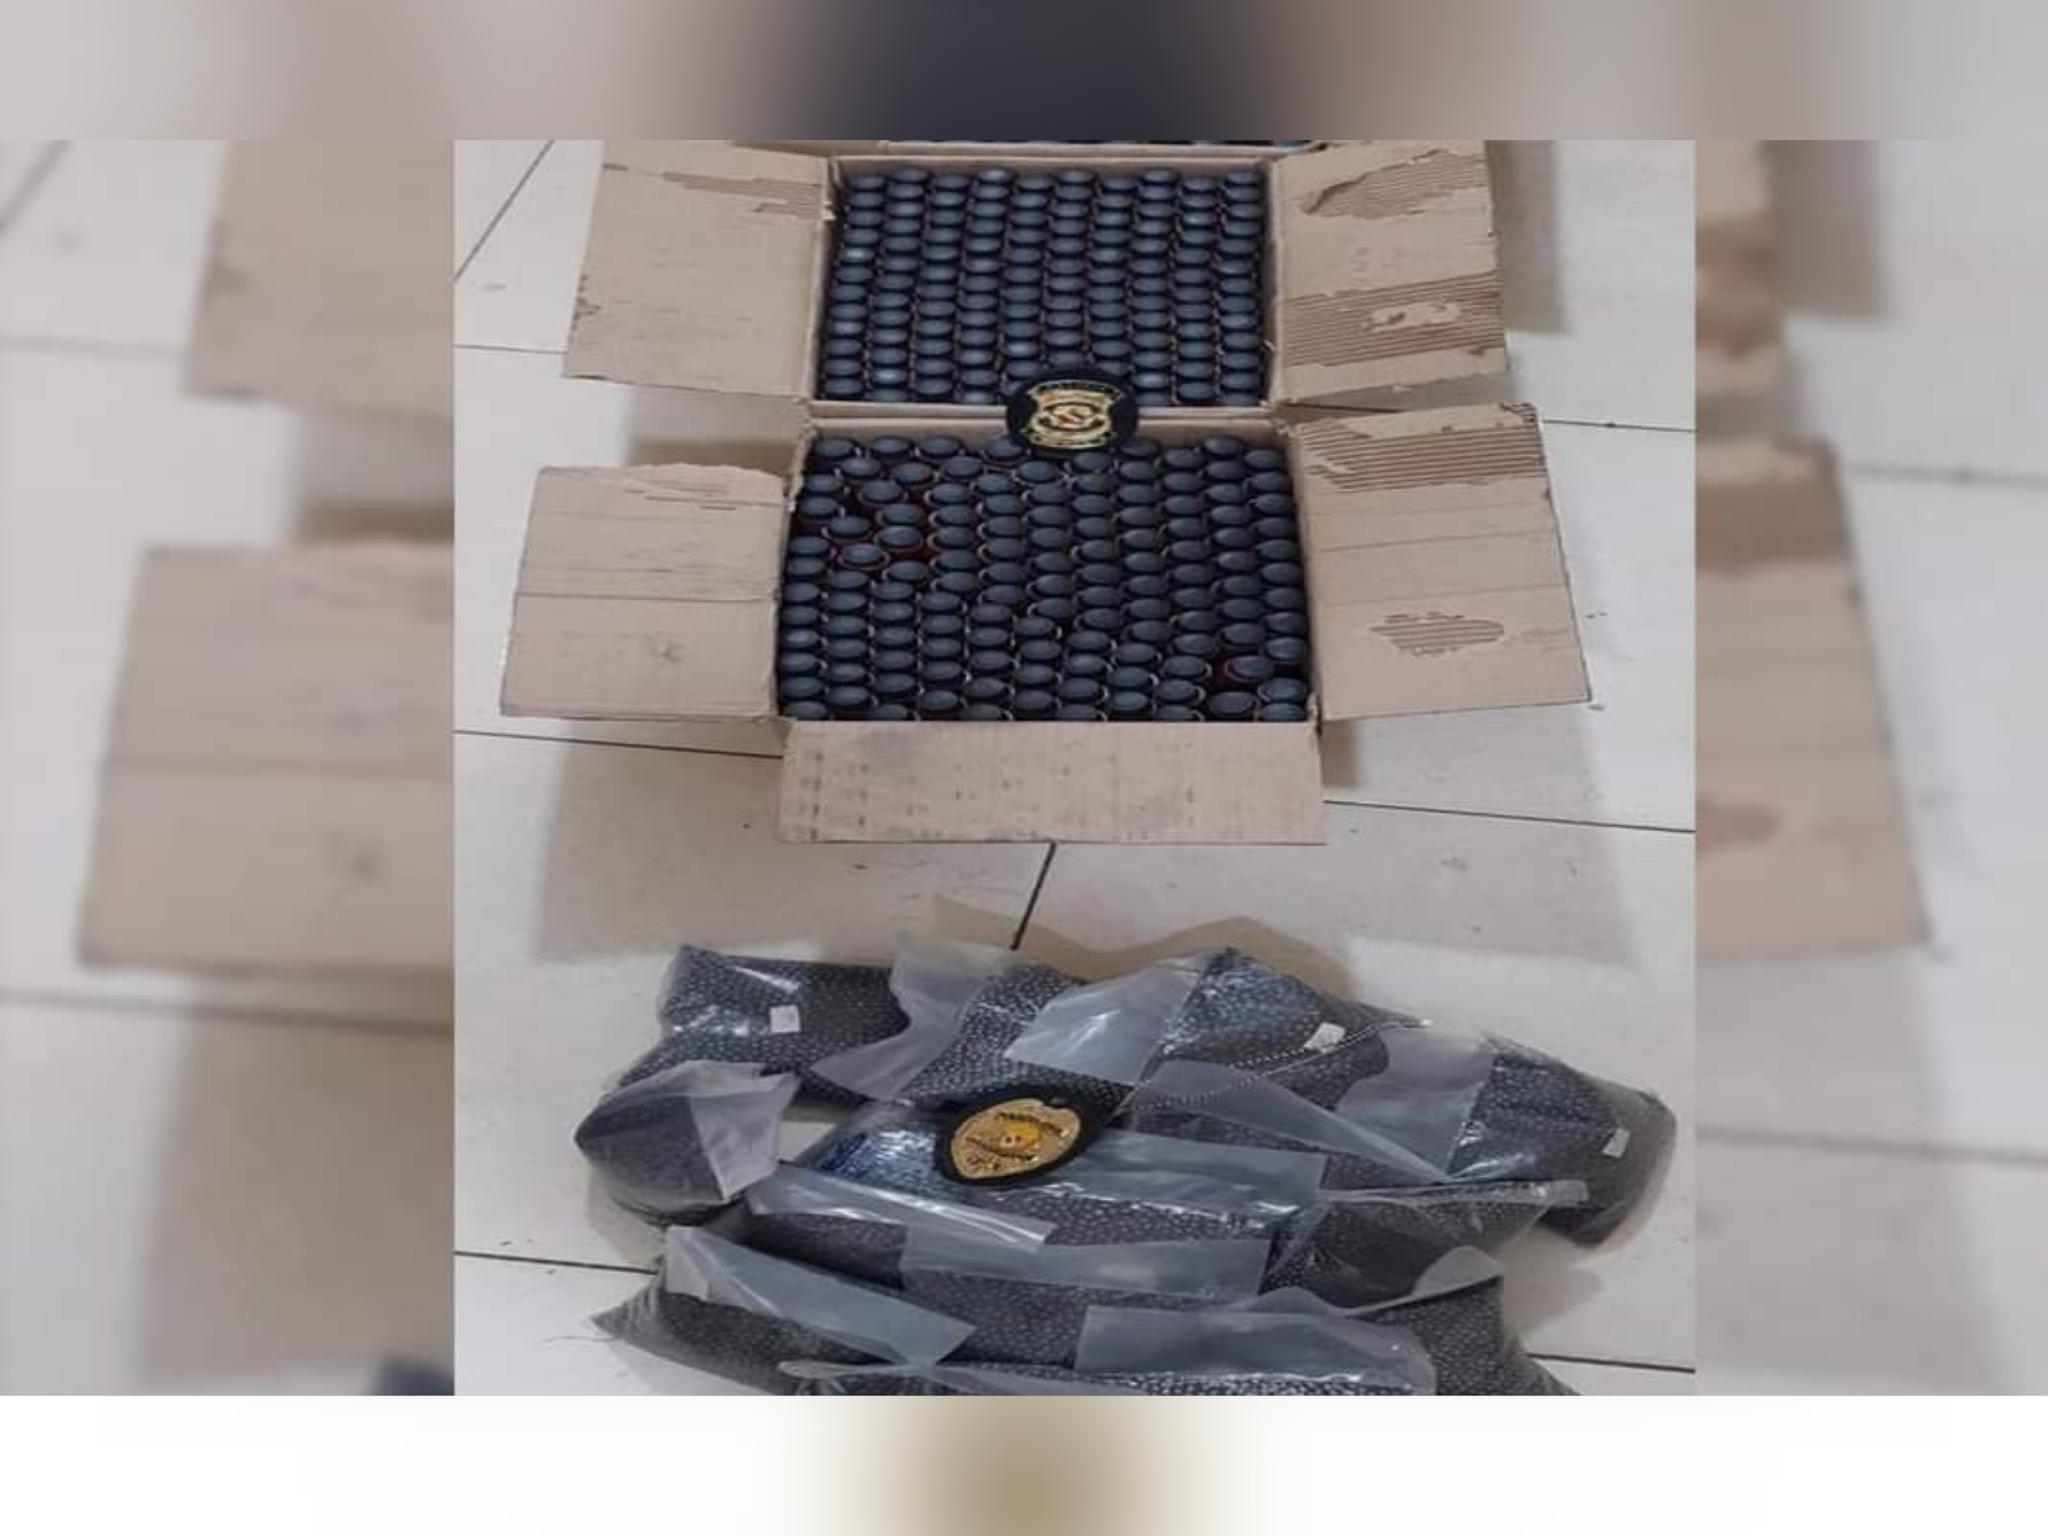 Homem é preso com material para fabricação de munição de armas de fogo, em Marabá